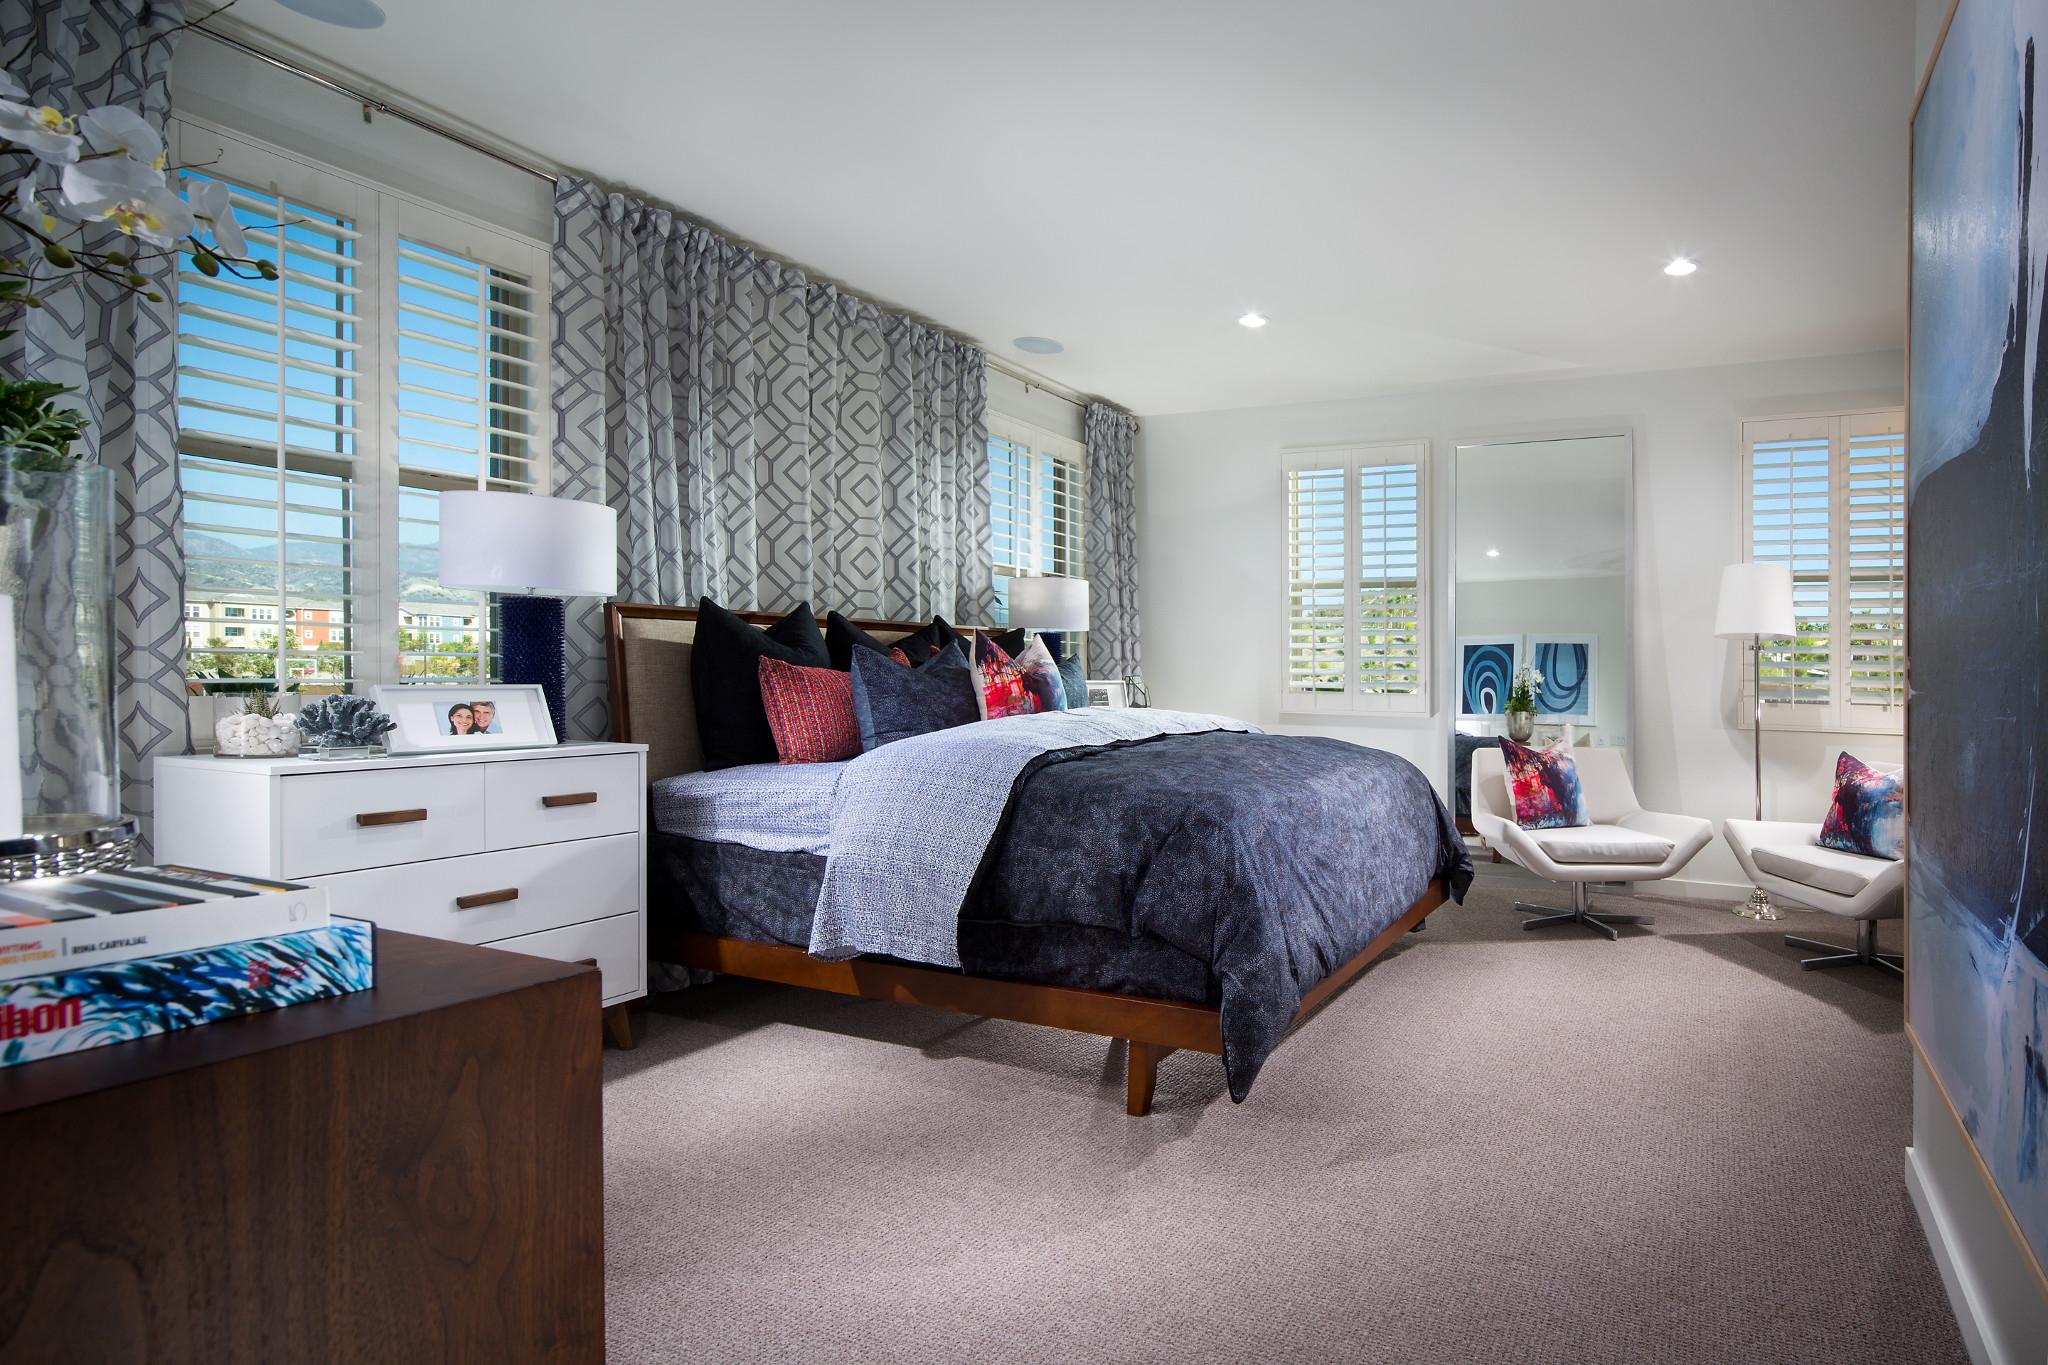 Plan 3 Master Bedroom